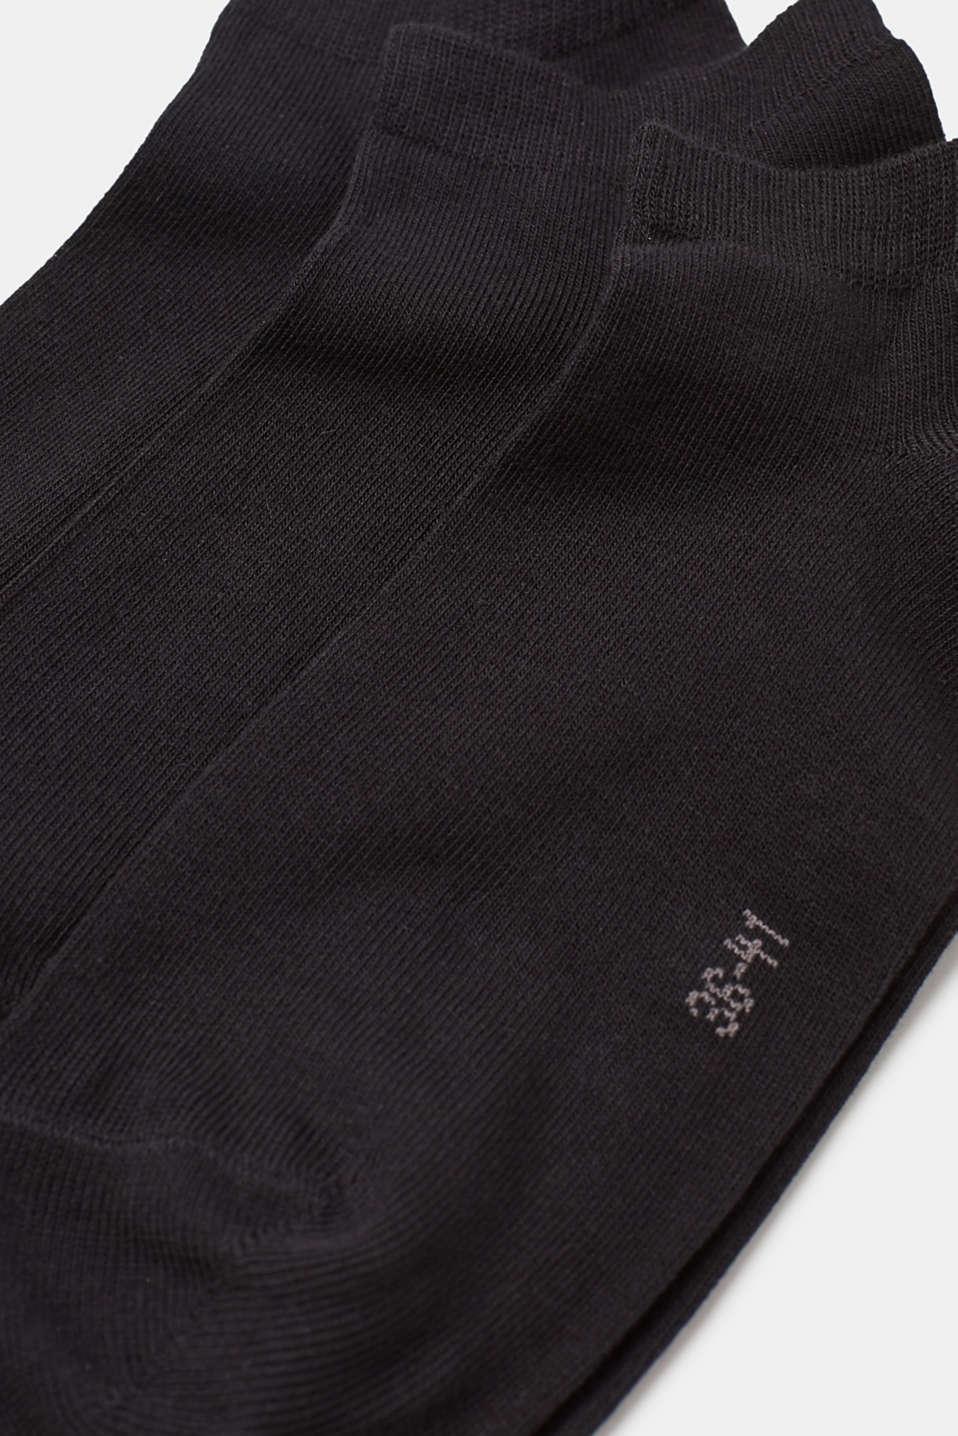 3-pack of blended cotton trainer socks, BLACK, detail image number 1